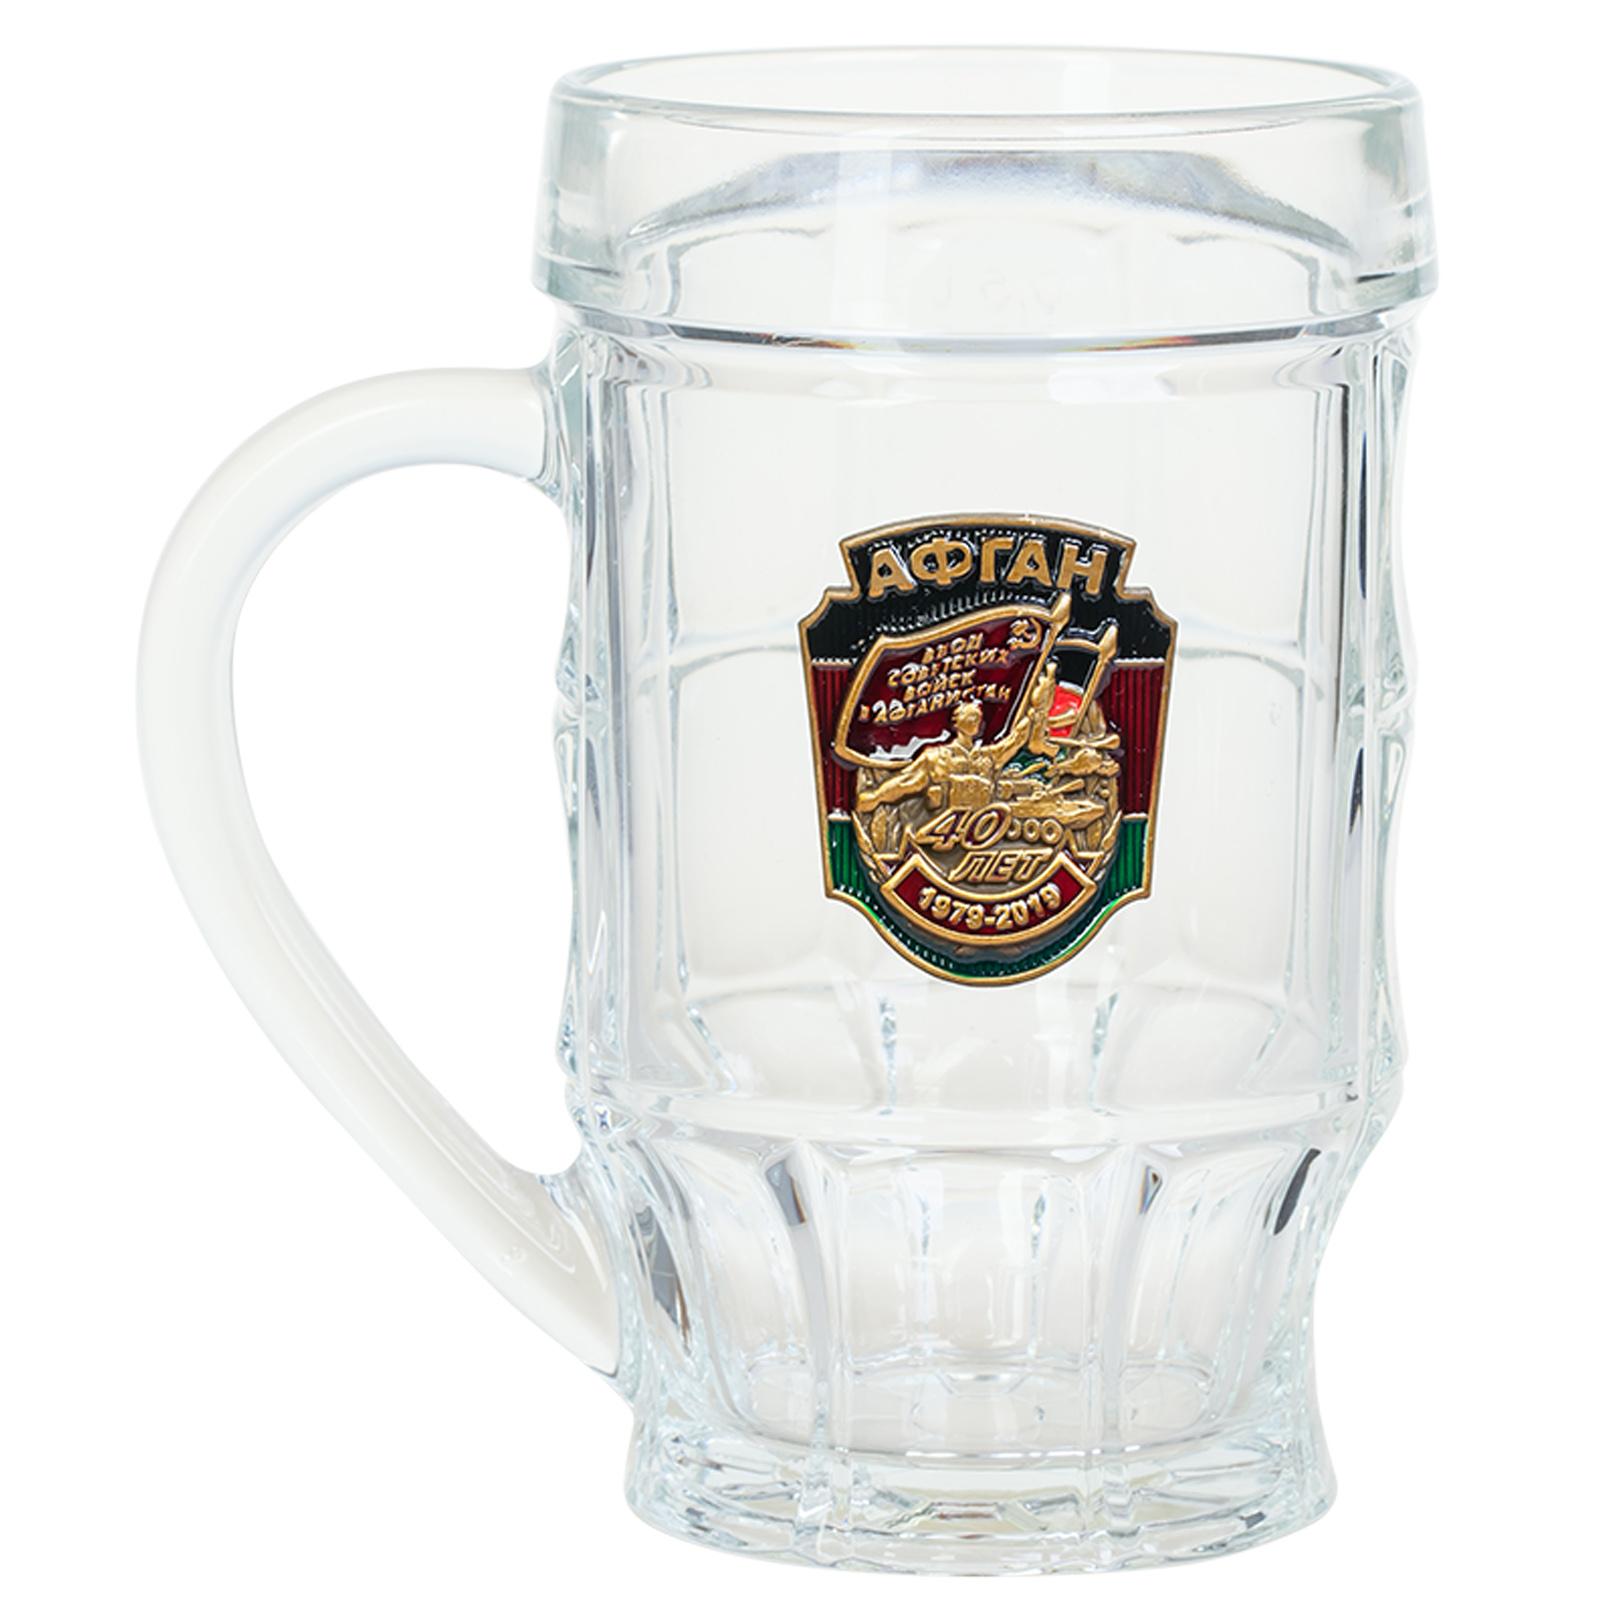 Купить подарочный пивной бокал с накладкой Афган в подарок выгодно